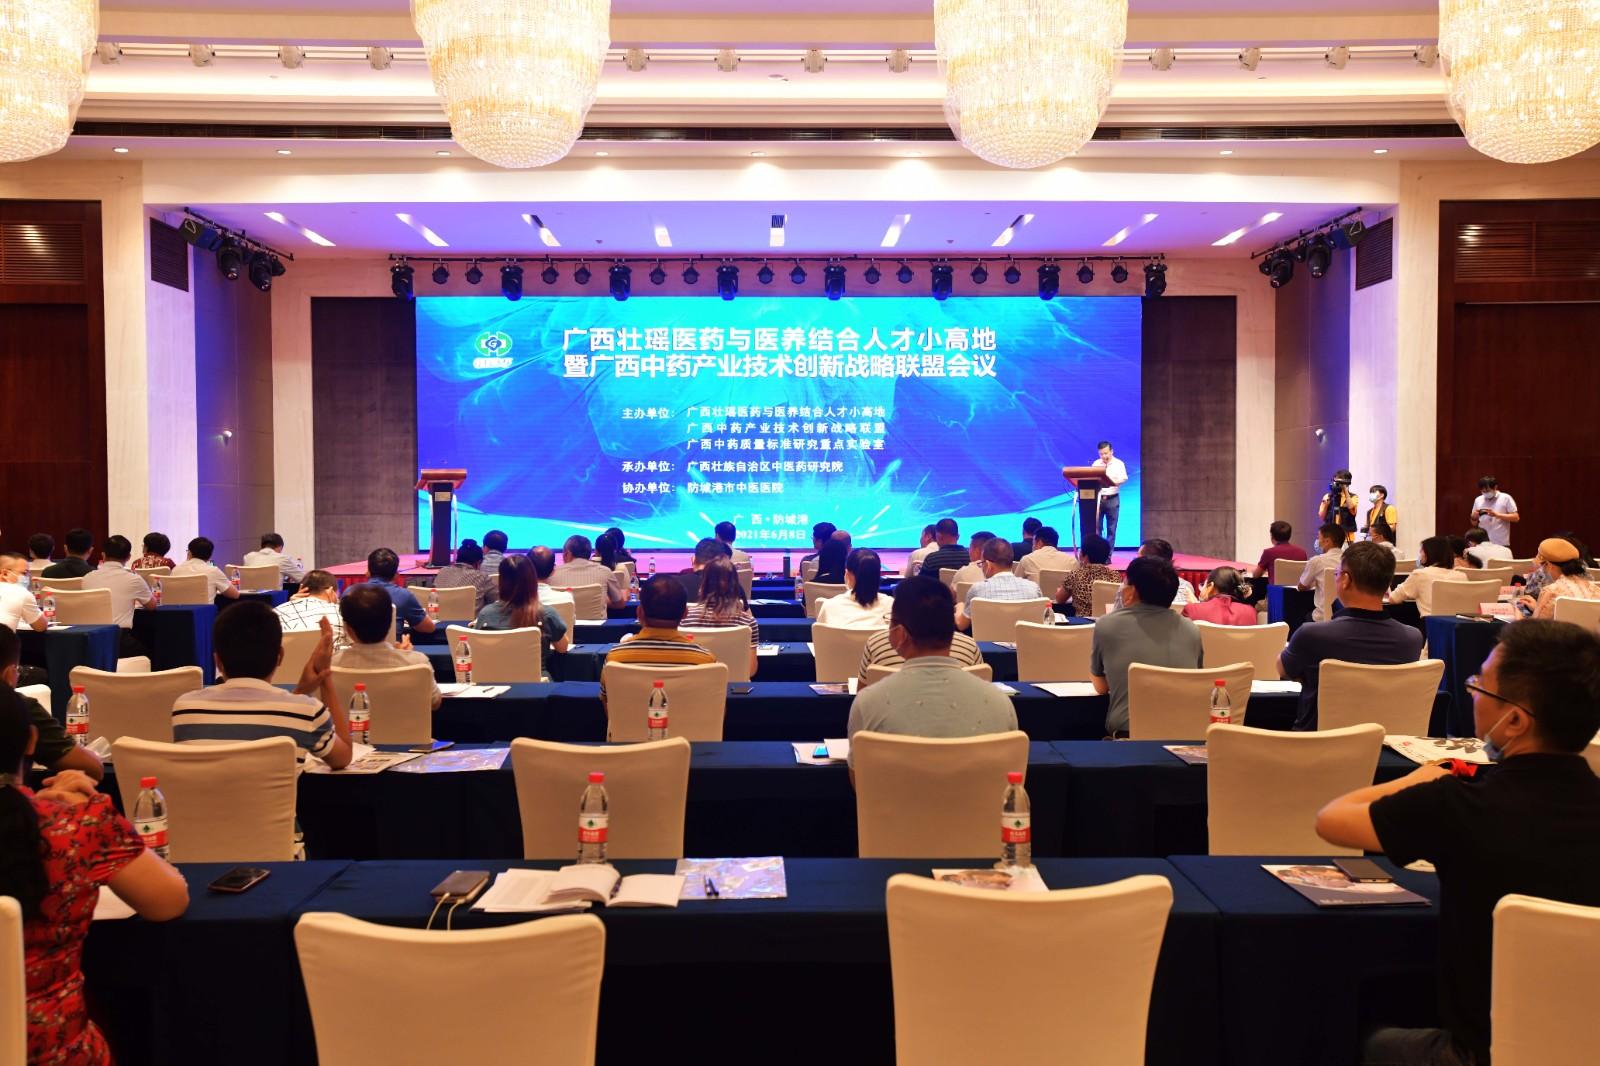 广西壮瑶医药与医养结合人才小高地暨广西中药产业技术创新战略联盟会议在防城港召开